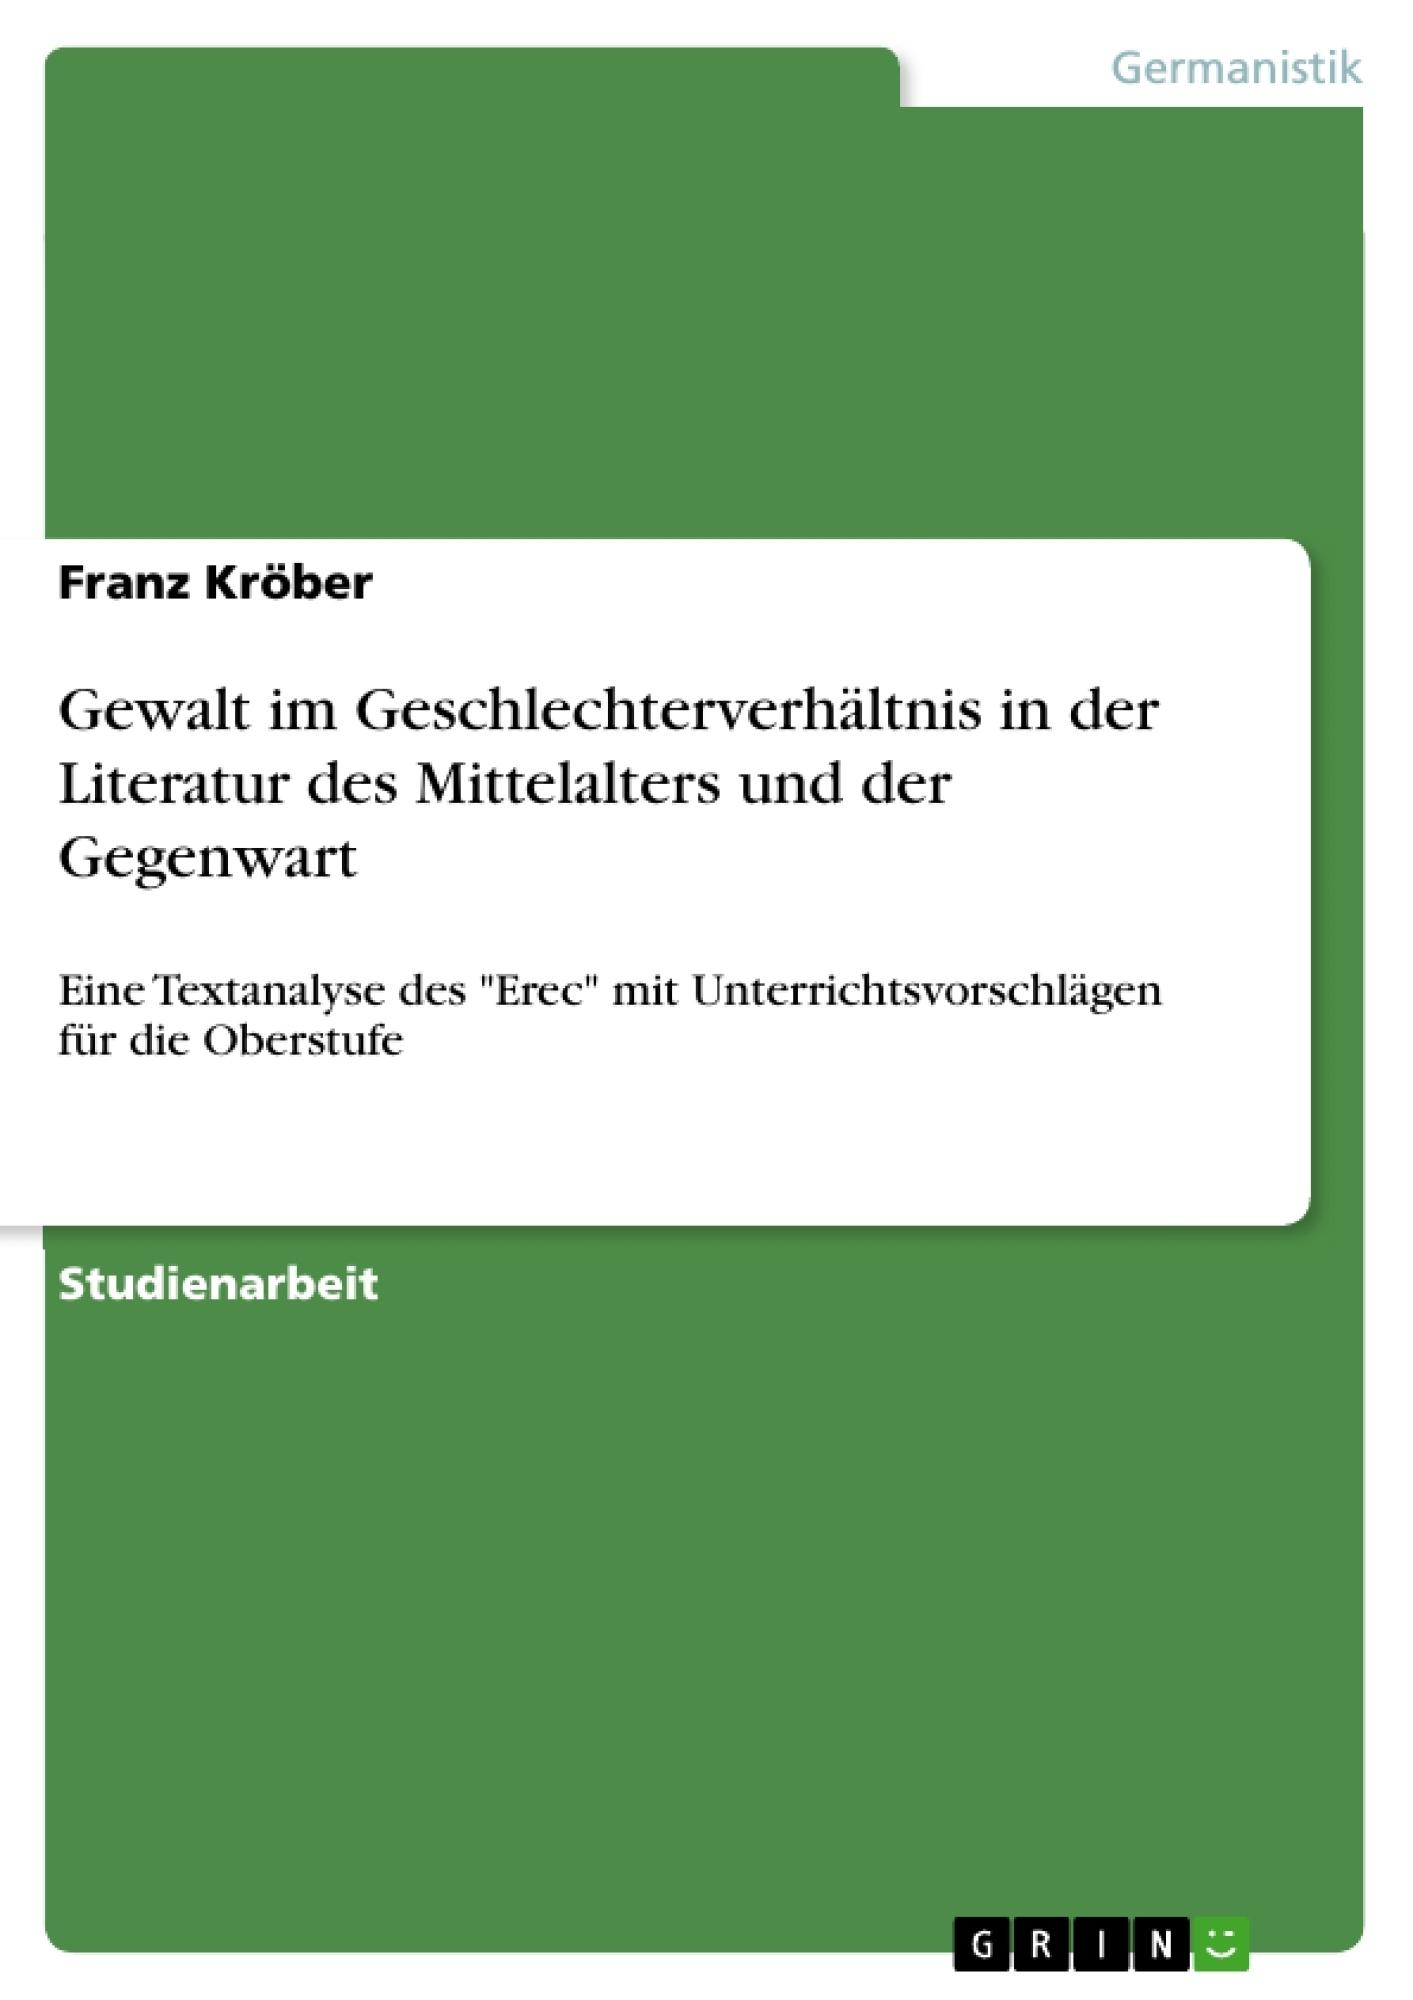 Titel: Gewalt im Geschlechterverhältnis in der Literatur des Mittelalters und der Gegenwart